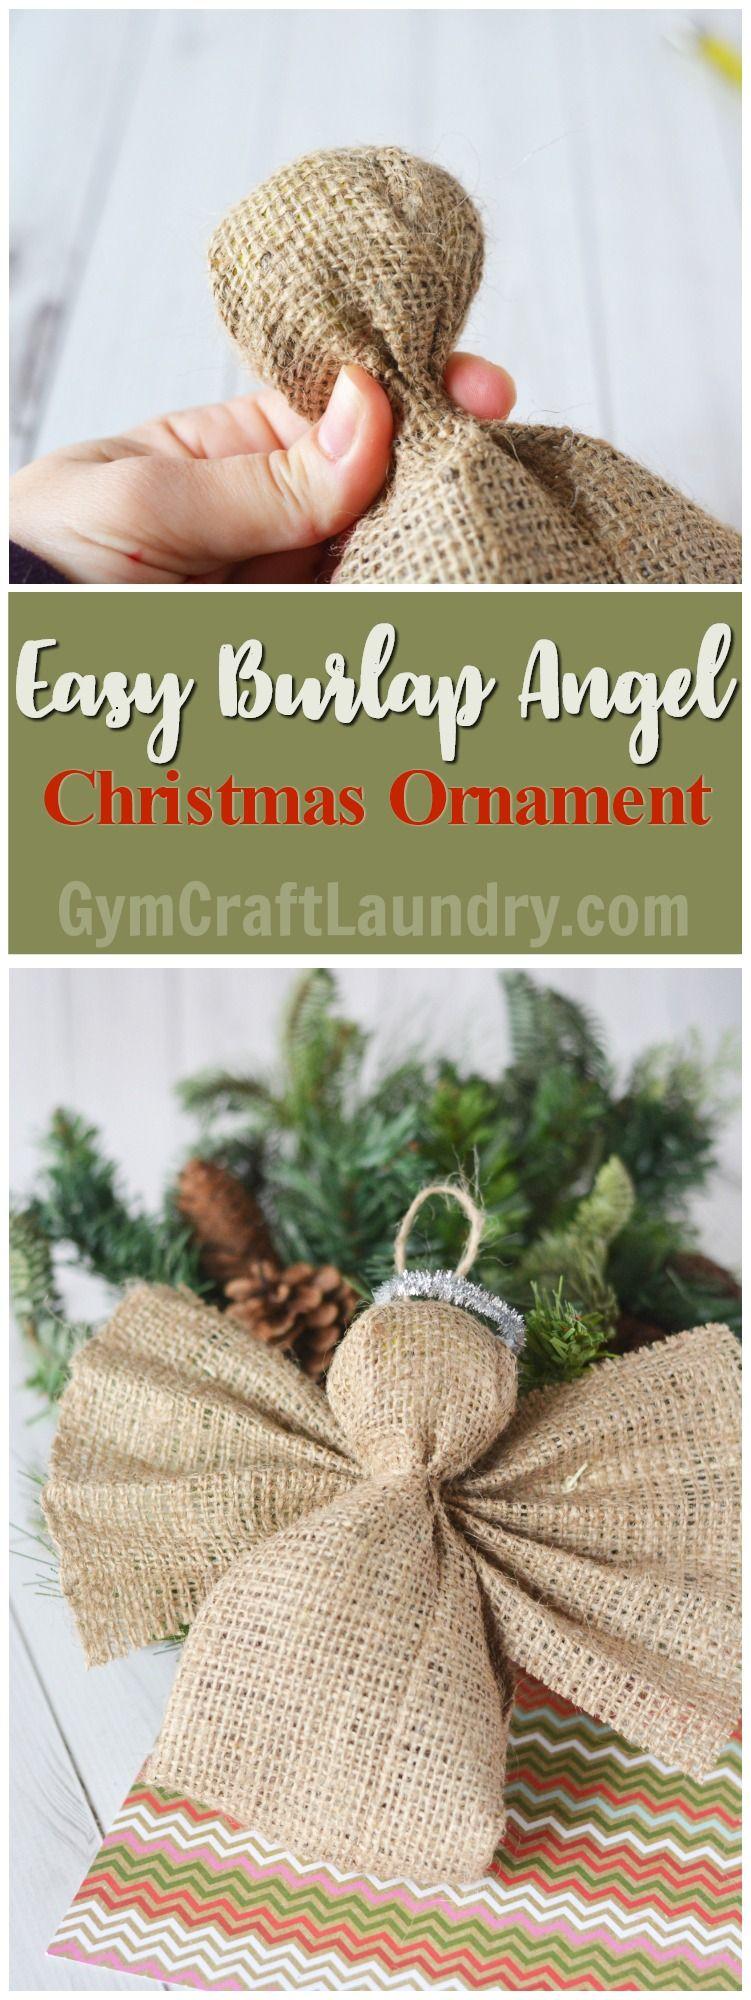 Easy burlap angel ornament burlap homemade christmas crafts and 13171ab657f0fa126e4712ae347125f7g solutioingenieria Gallery